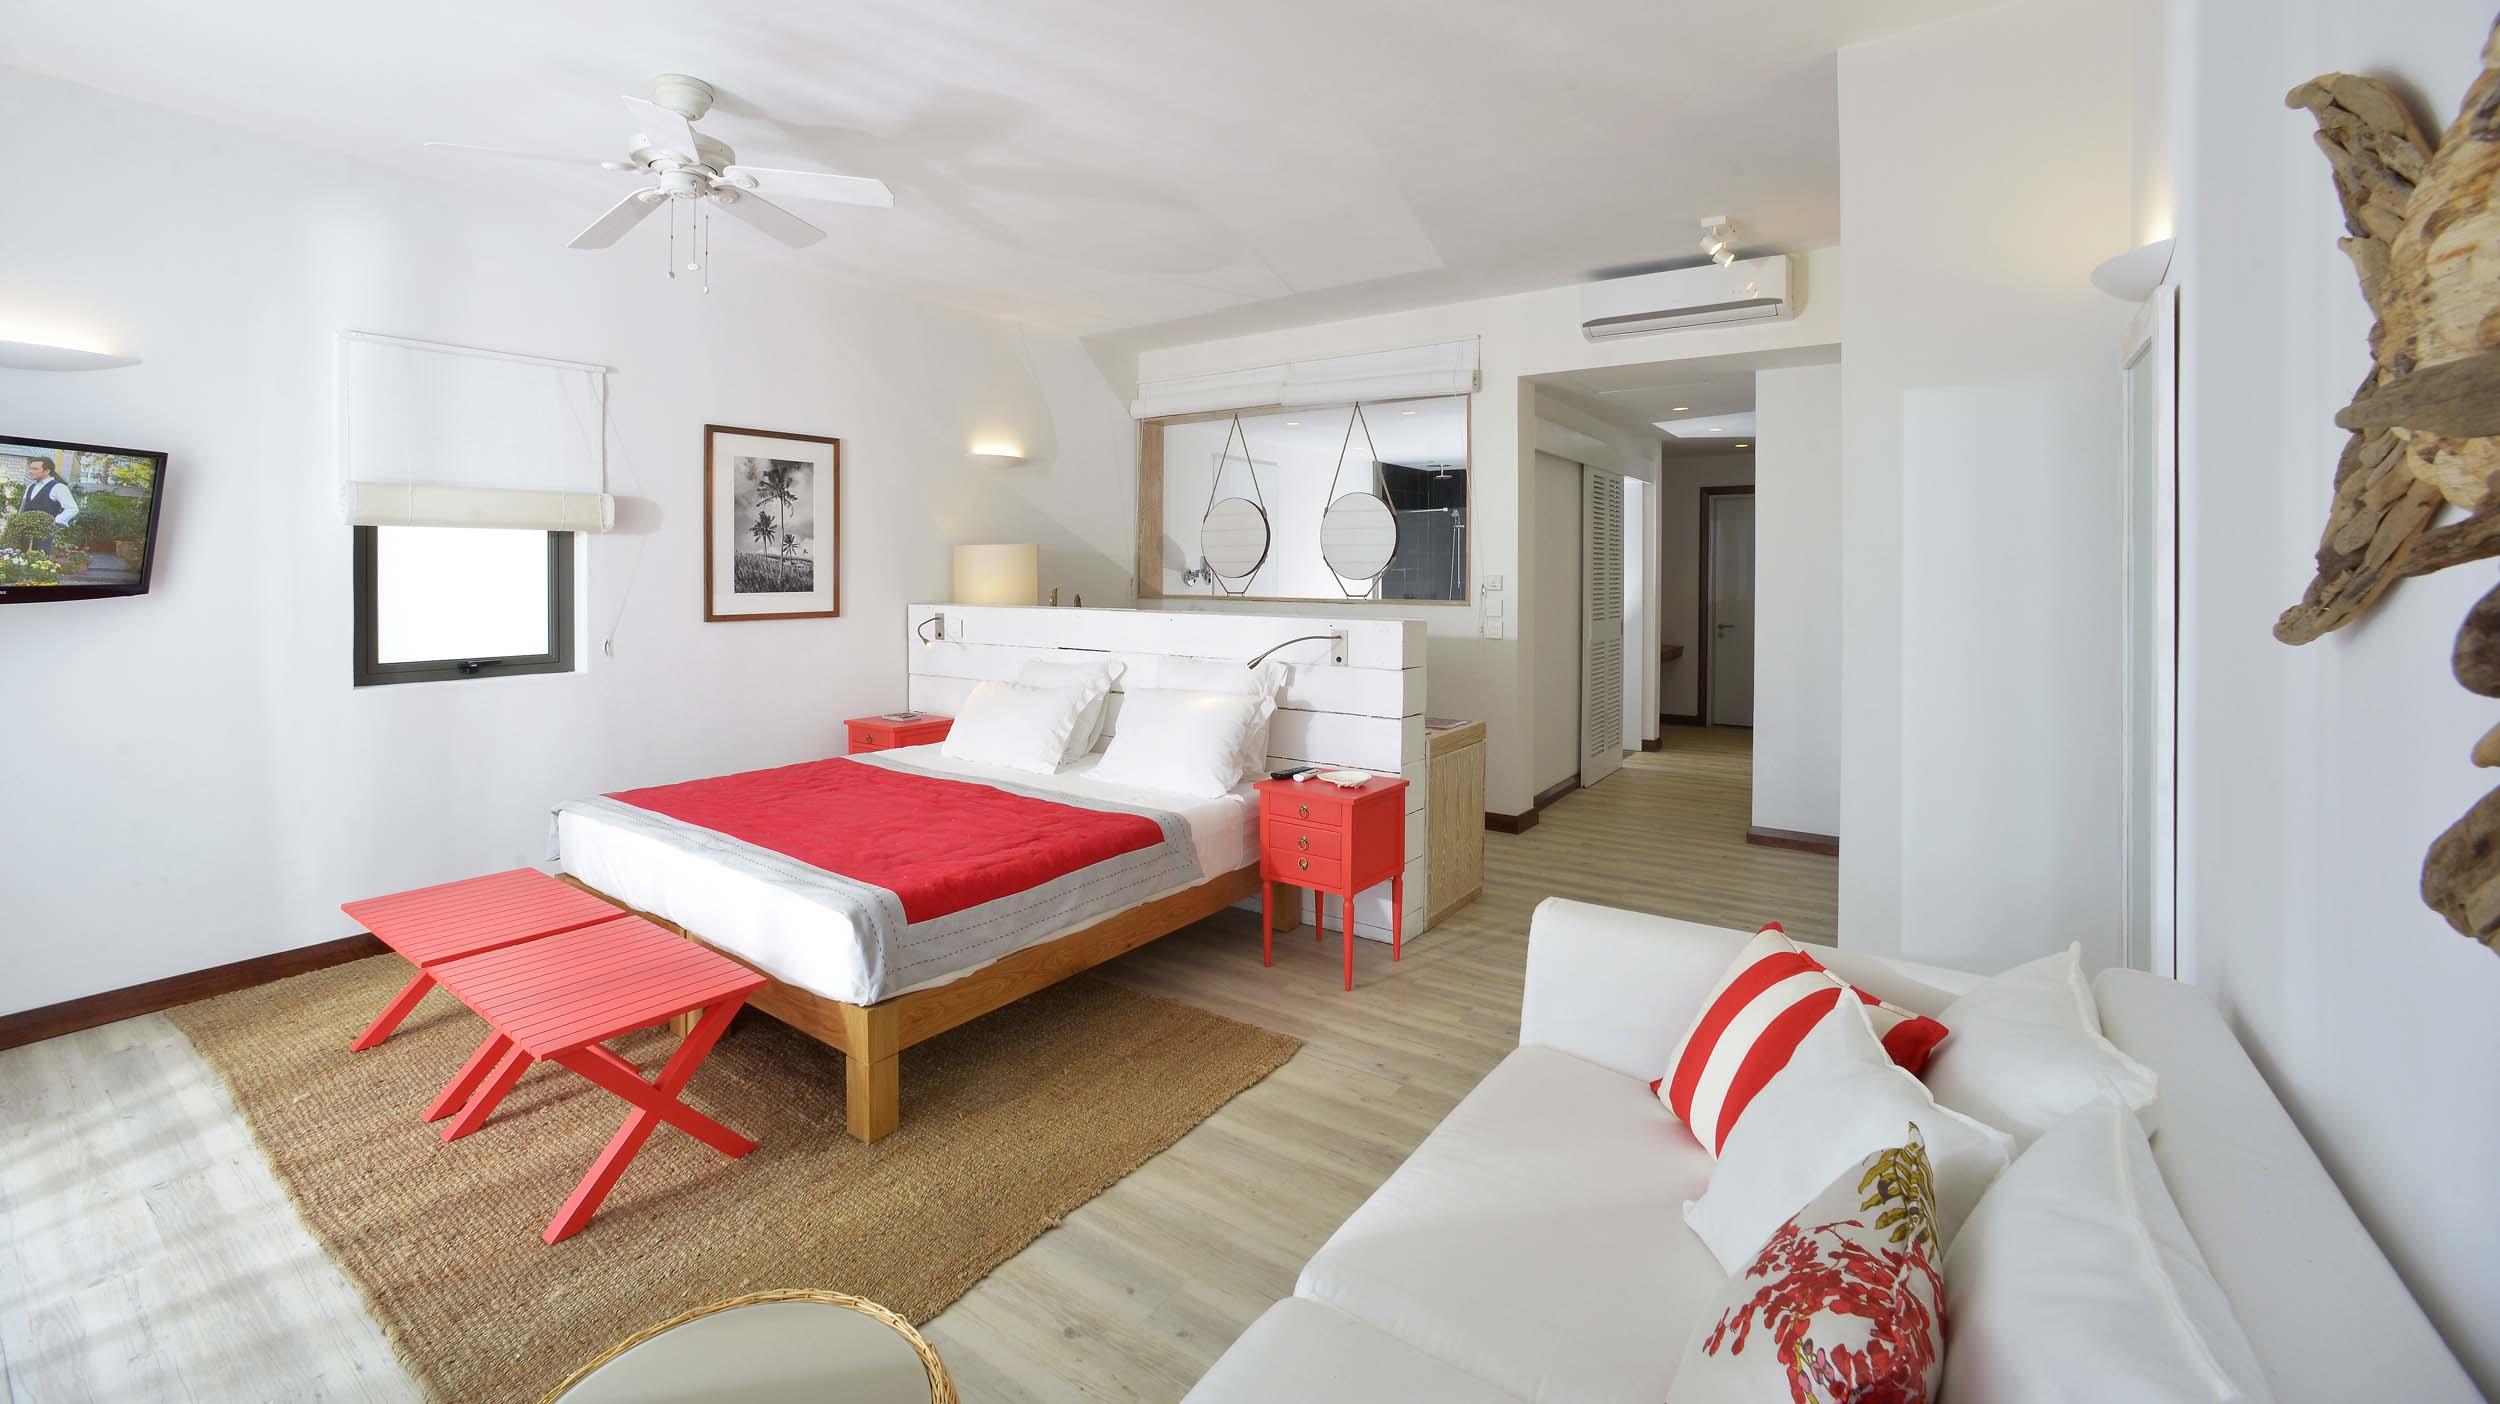 chambre ocean 15 au 1 er etage la maison d 39 t. Black Bedroom Furniture Sets. Home Design Ideas